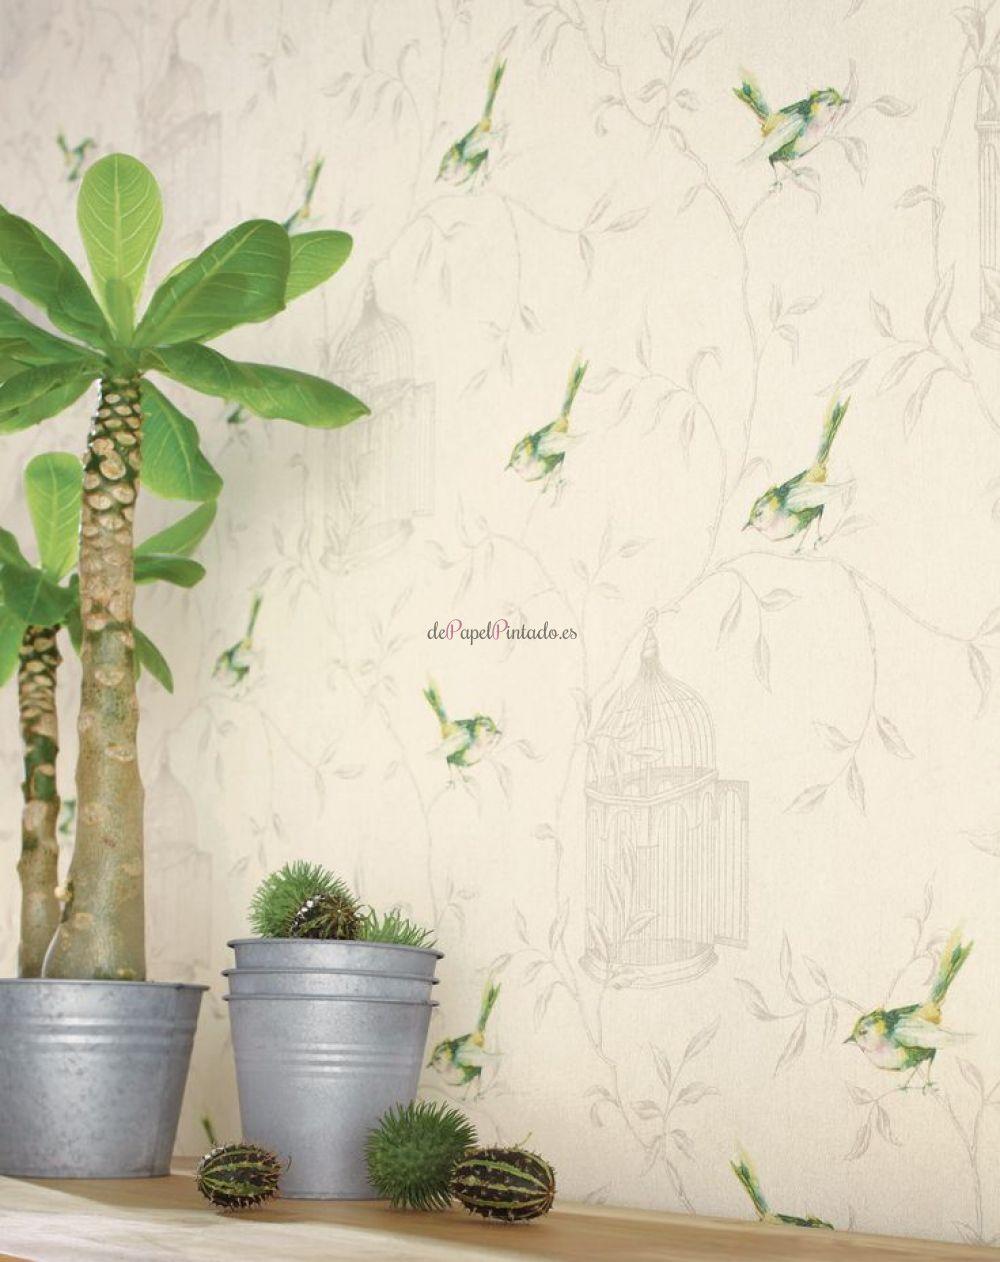 Caselio papel pintado caselio papel pintado caselio for Papel pintado barato